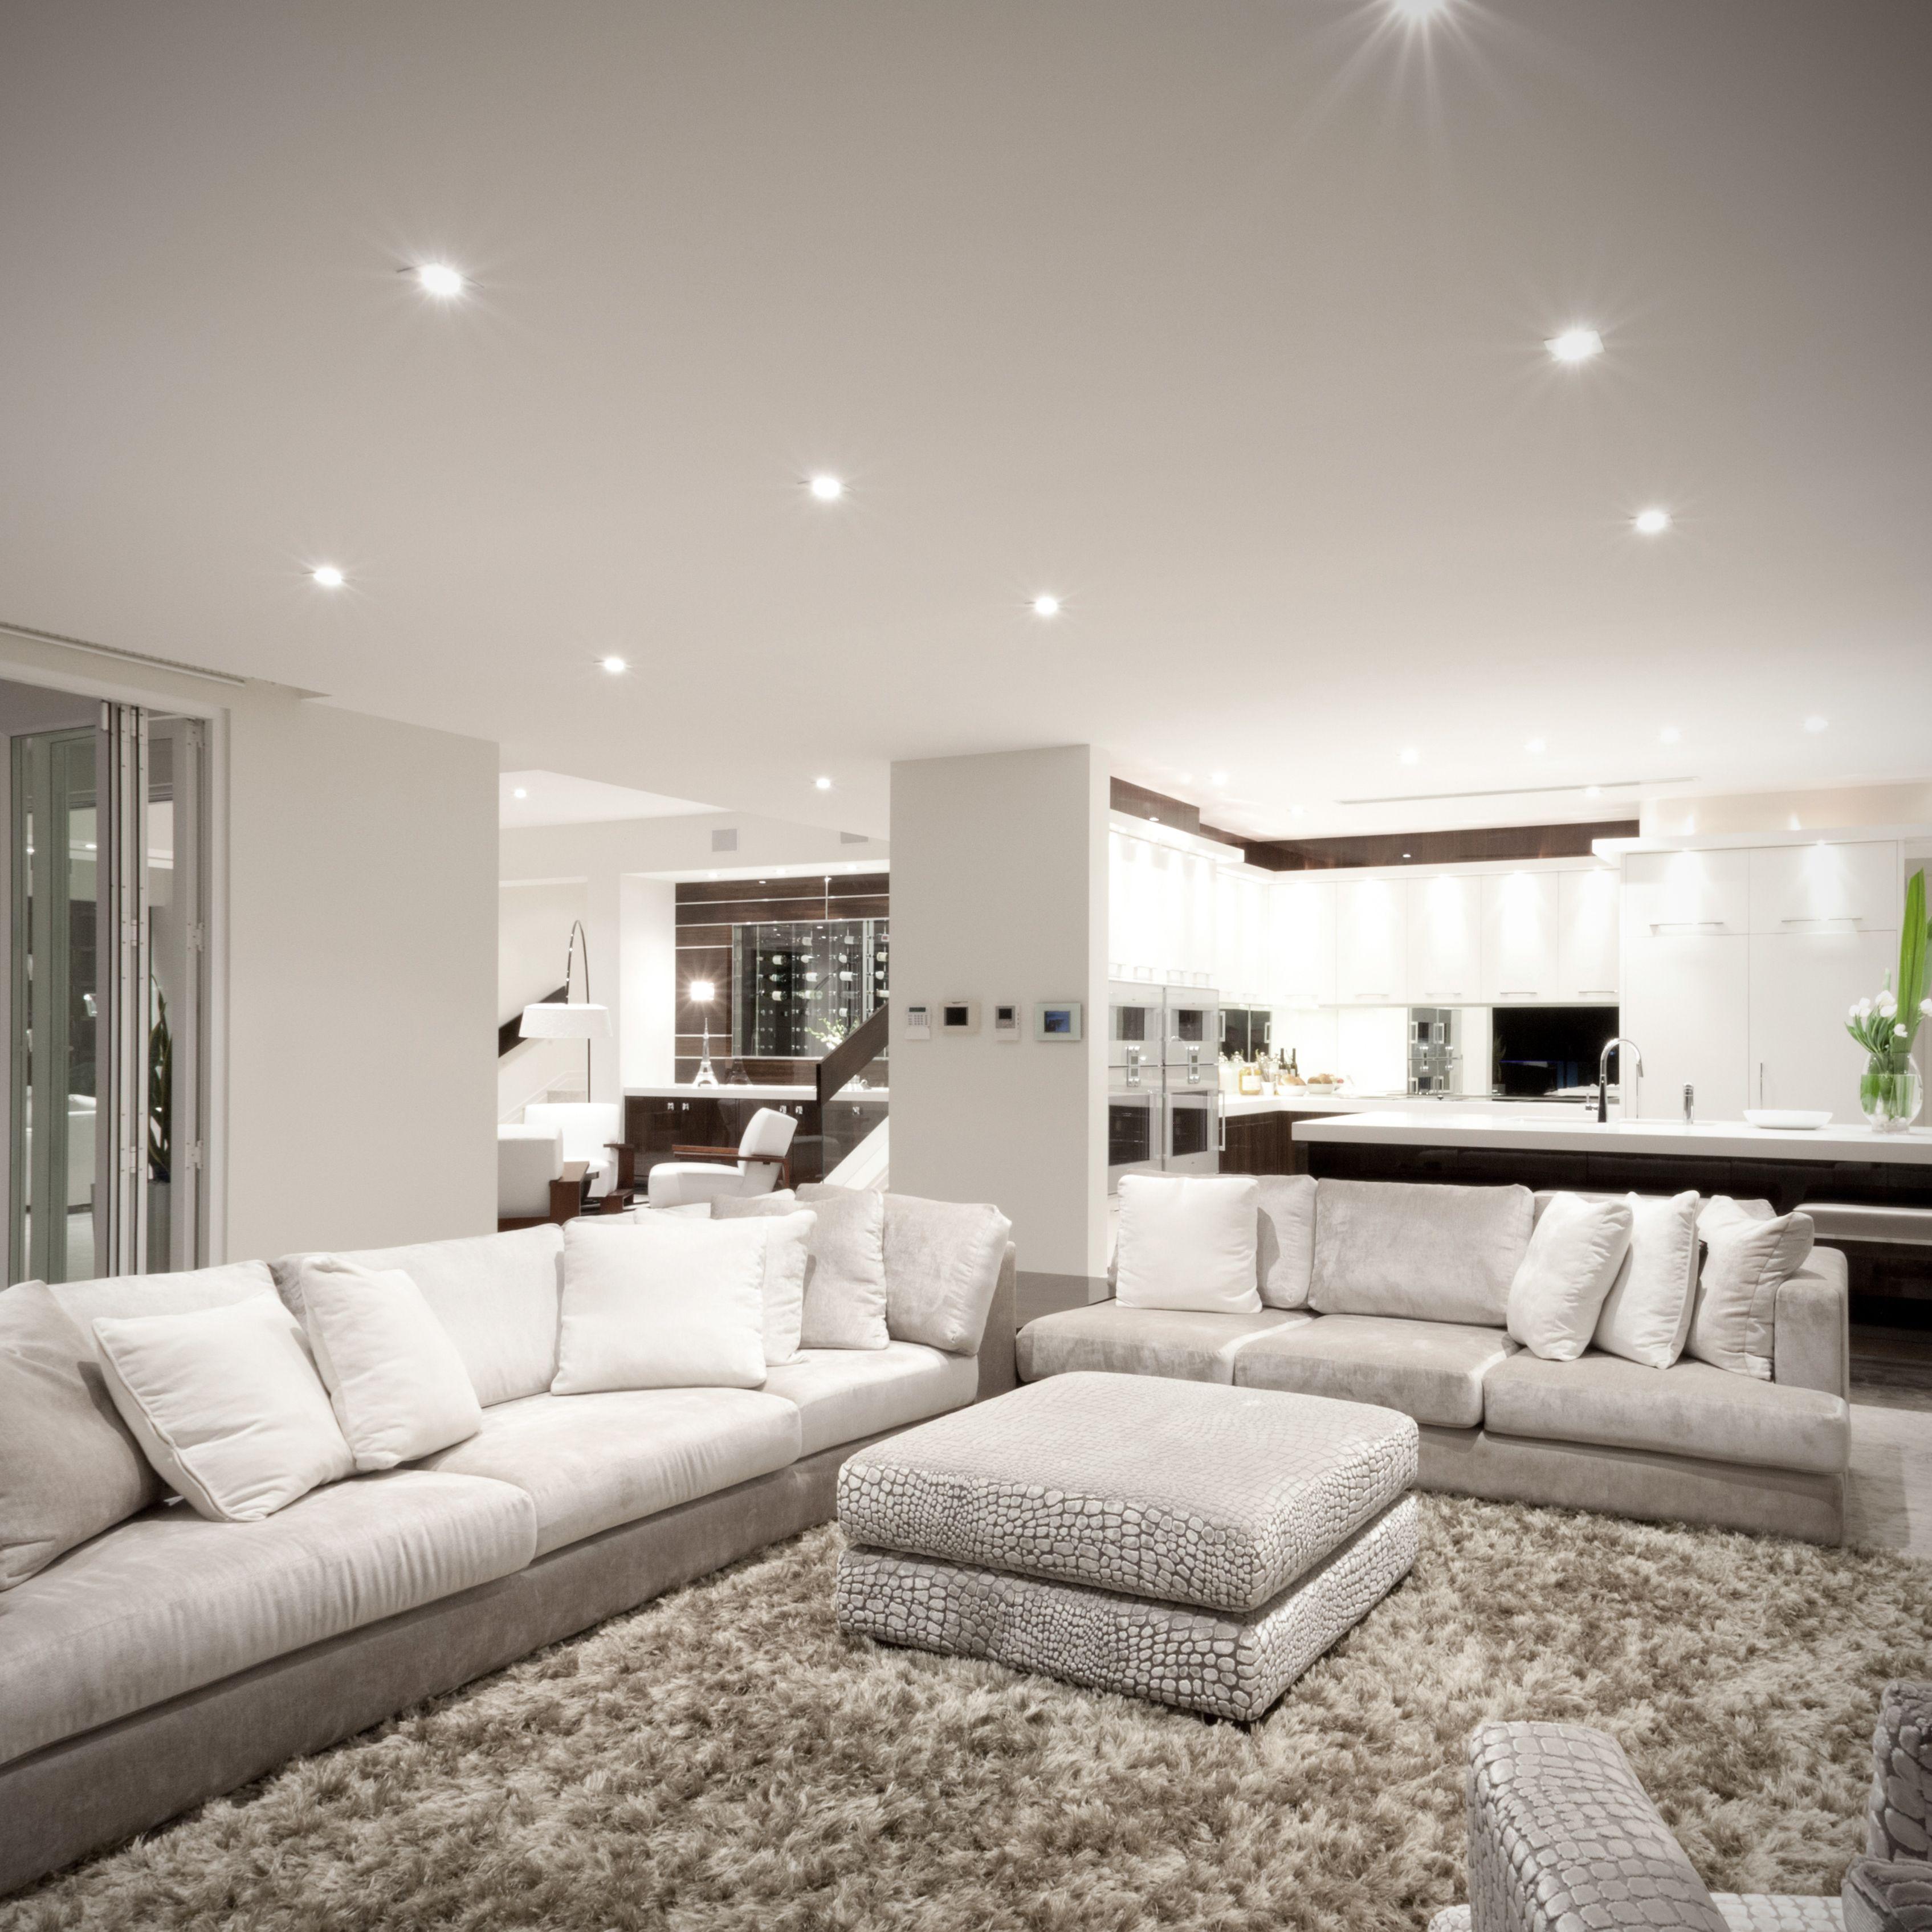 LED Einbauleuchten  Ästhetisches schlafzimmer, Wohnung gestalten